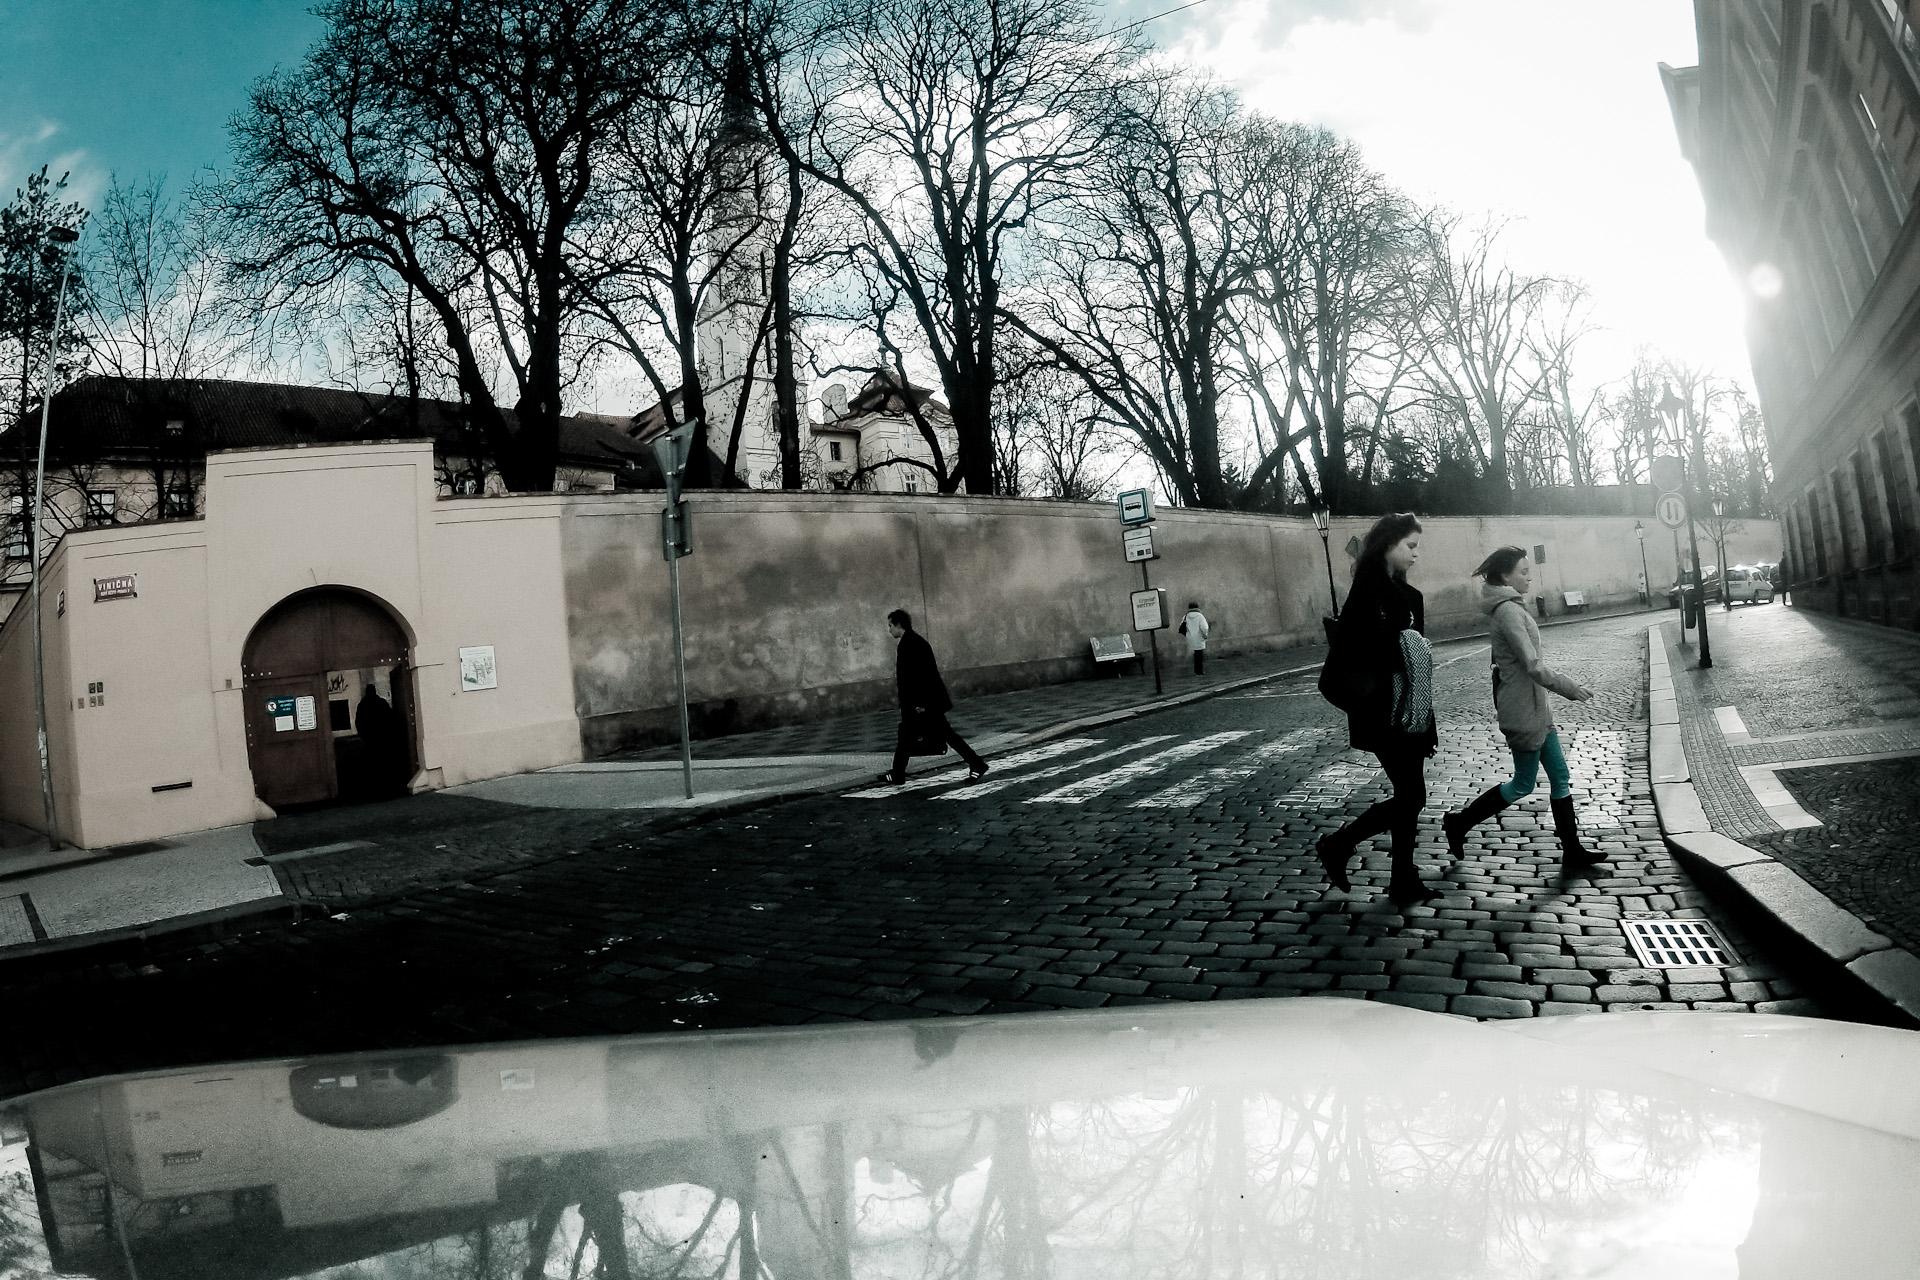 3 . ledna 2012, křižovatka Kateřinské a Viničné, Praha      Nečekaná momentka, pořízená opět během nepříliš povedeného časosběru, který jsem snímal na kapotě auta během stěhování výstavy z Karolina. Přestože fotografie vybírám já, jedná se svým způsobem o mnohem objektivnější zachycení reality, neboť nemohu ovlivnit okamžik stisku spouště… ISO 100, 1/1050 s